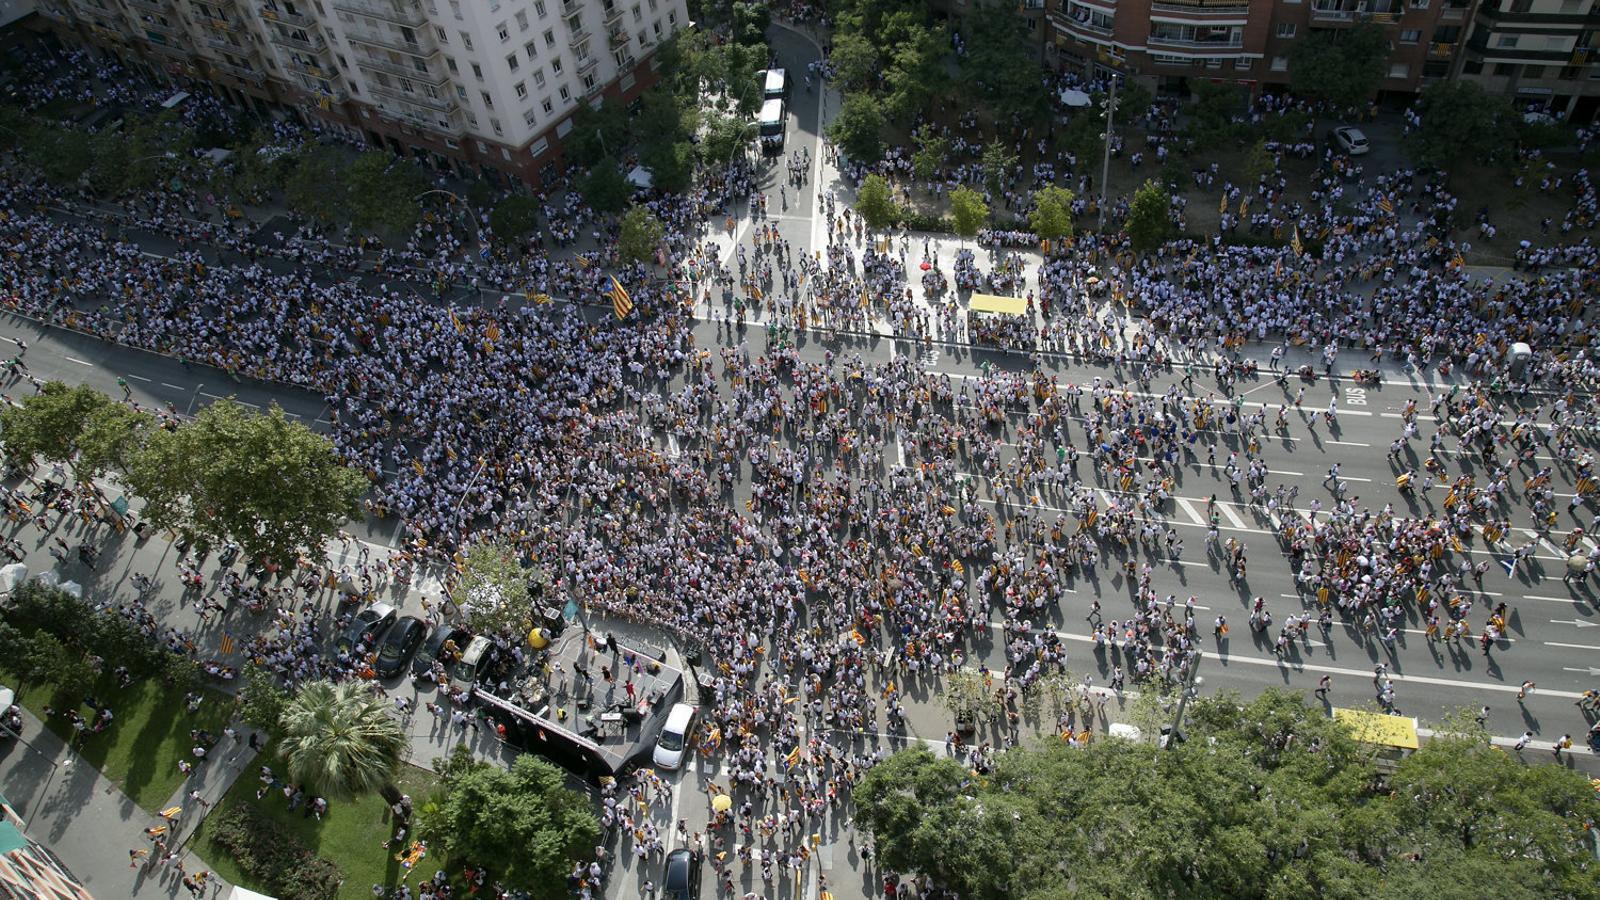 Imatge de la manifestació de la Diada de l'Onze de Setembre  del 2015 a l'avinguda Meridiana  de Barcelona. / FRANCESC MELCION